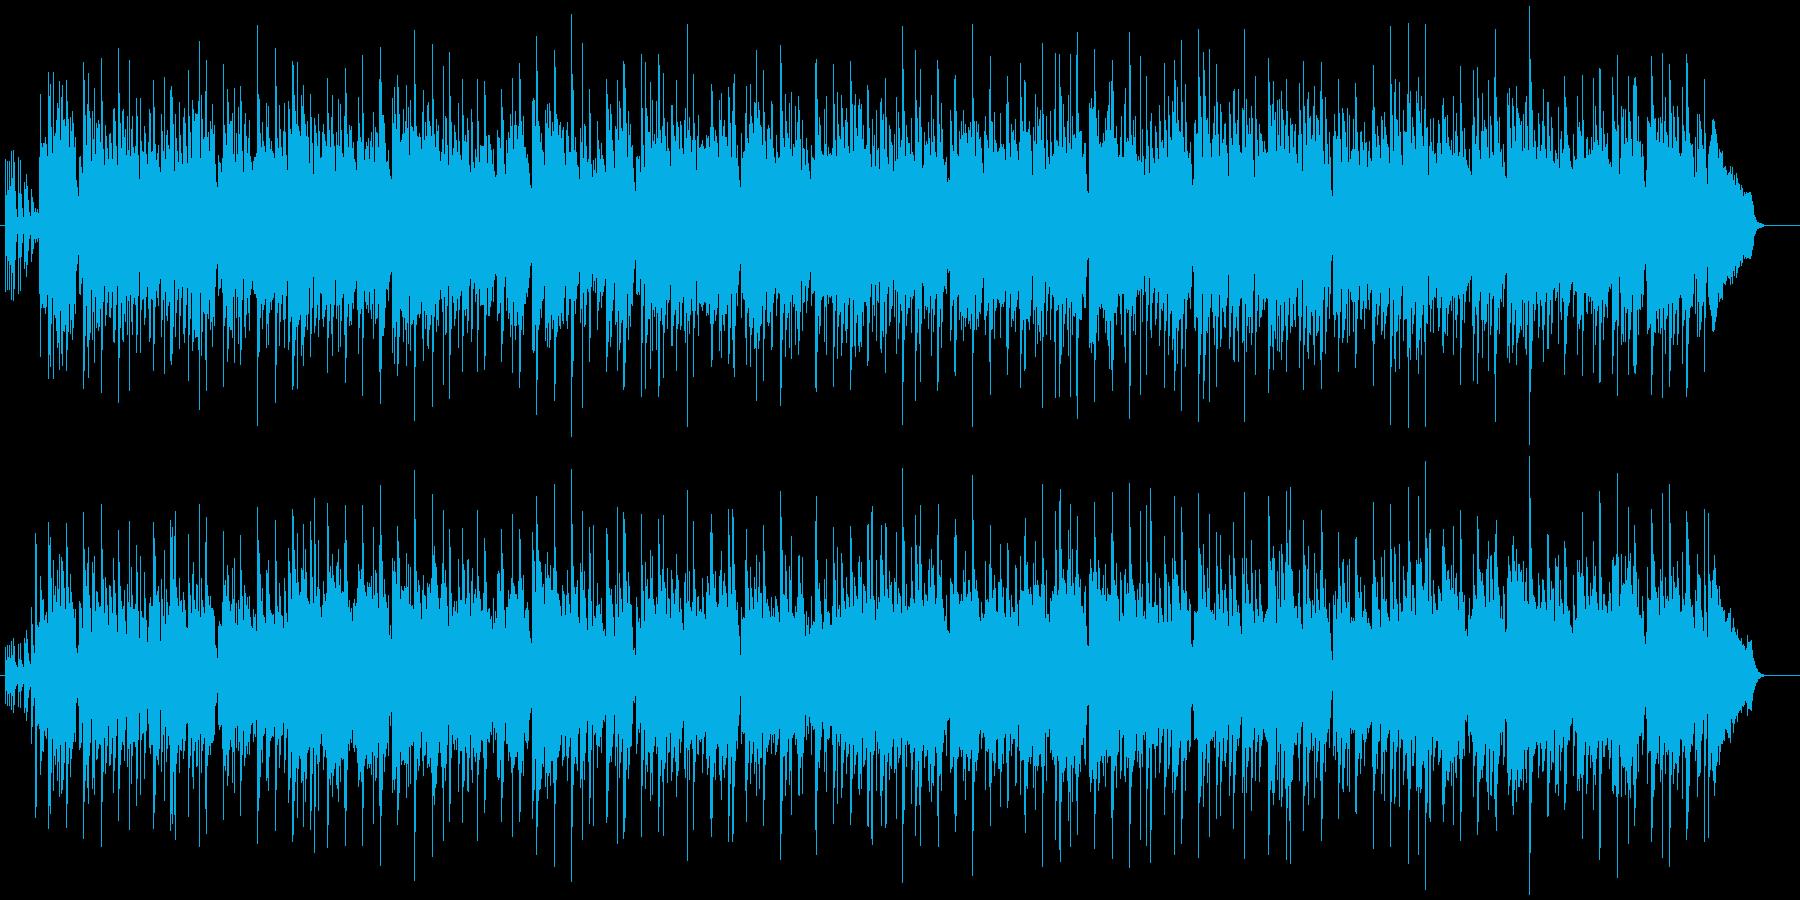 童謡どんぐりころころ キッズレゲエ 秋の再生済みの波形